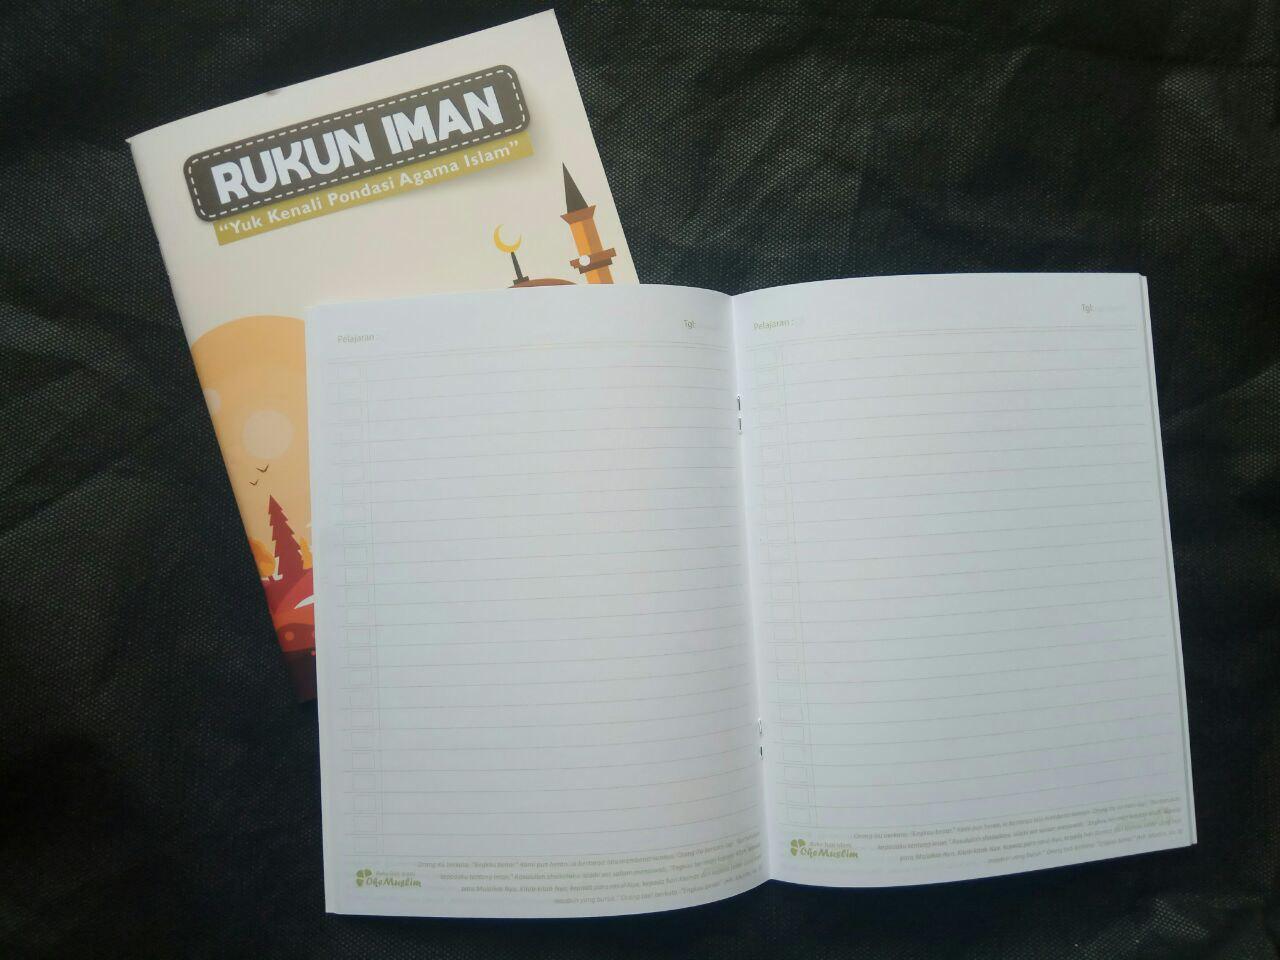 Paket Buku Tulis Islami Anak Pack 10 Buku 5 Cover Tema Rukun Iman Islam isi 6